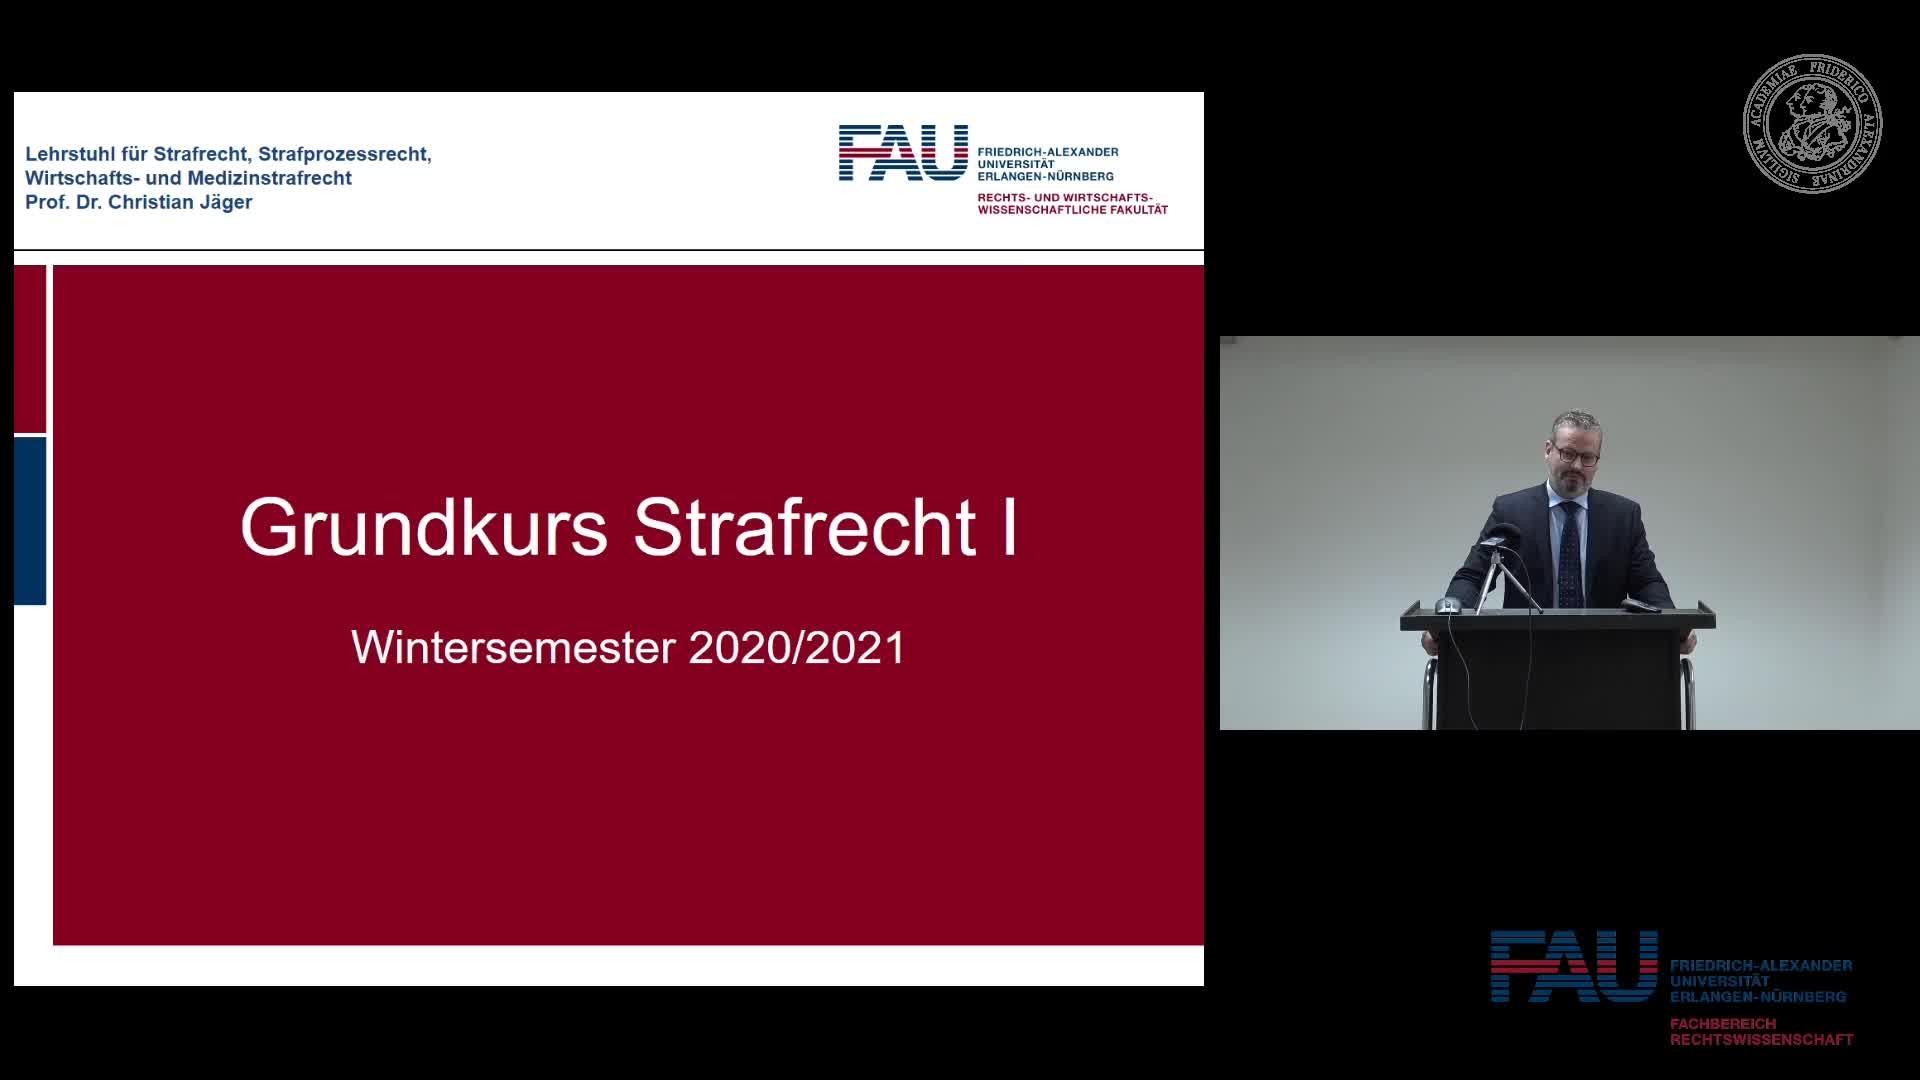 Grundkurs Strafrecht I - Einheit 1 preview image